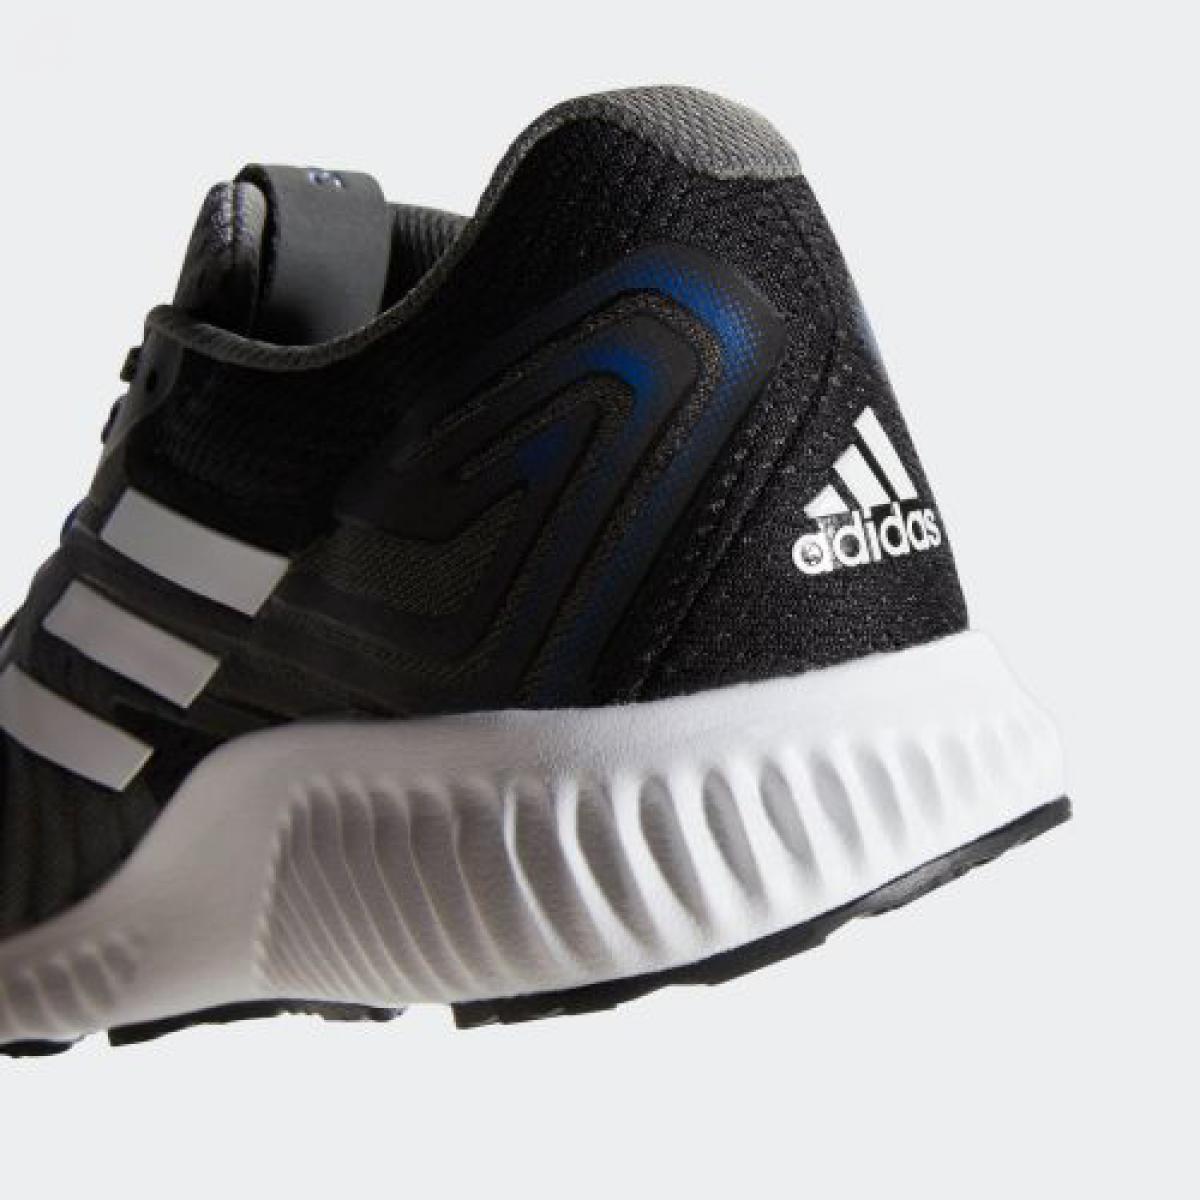 新品 ADIDAS アディダス スニーカー ランニングシューズ エアロバウンス2 トレーニングシューズ ウォーキングシューズ 運動靴 27cm_画像8